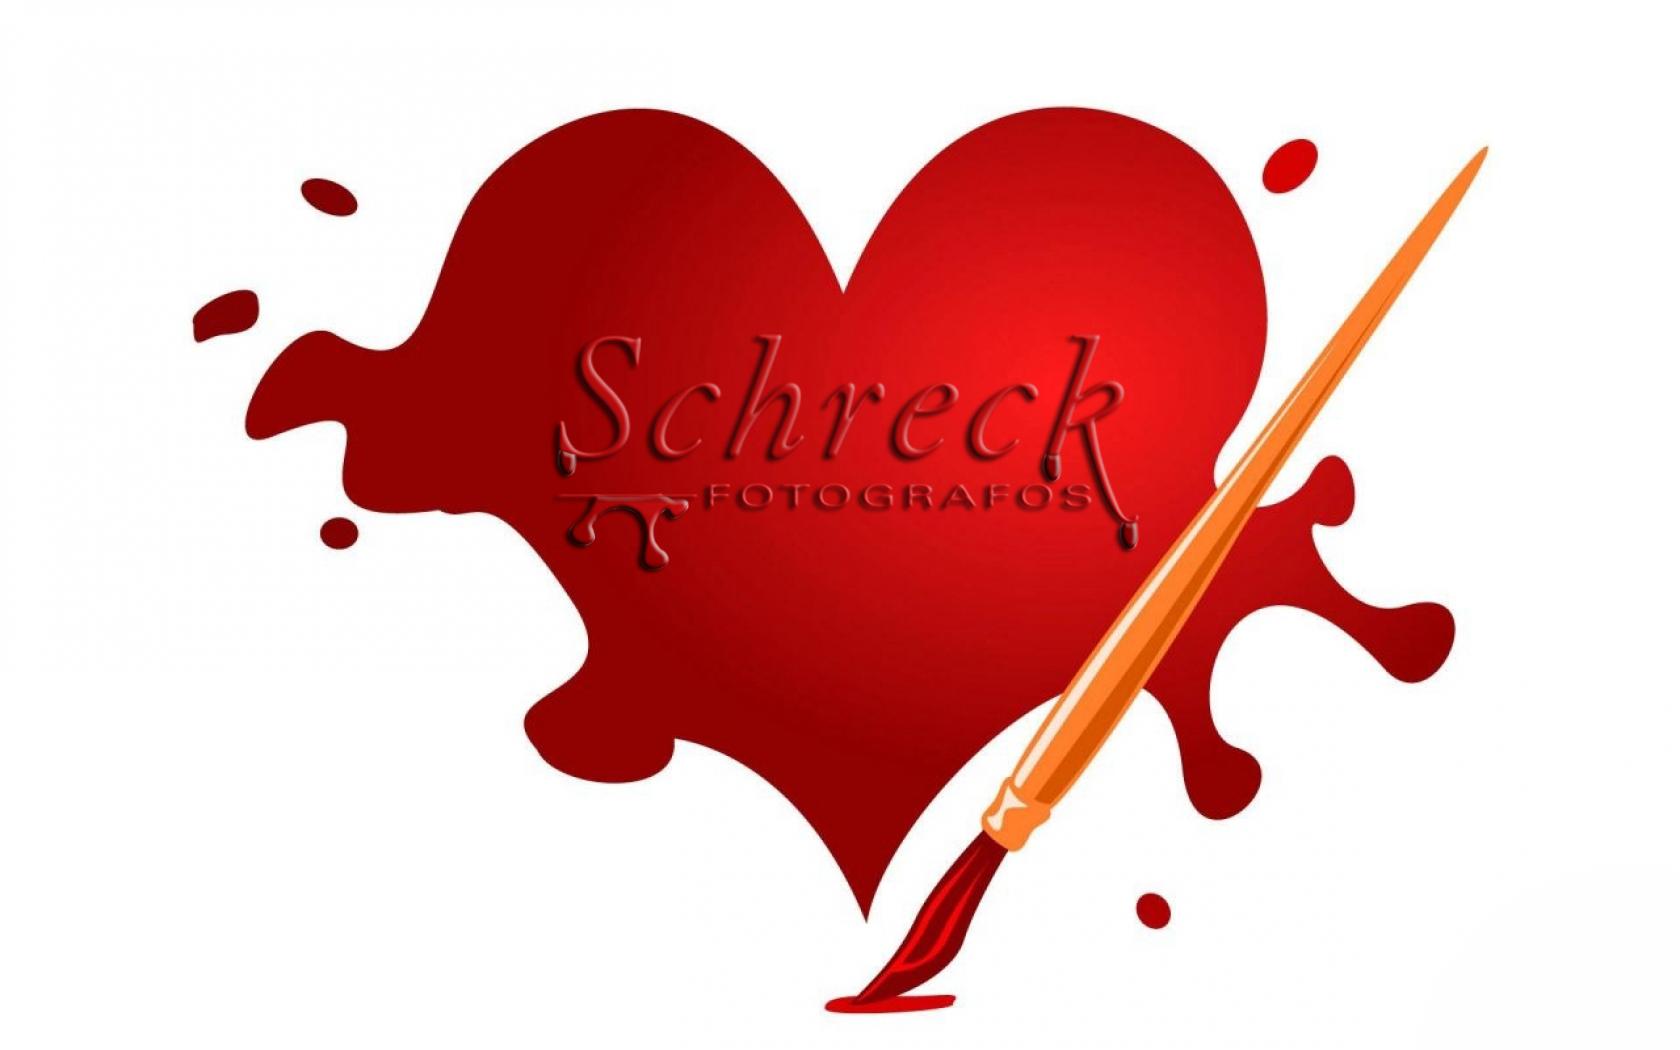 SCHRECK_san_valentin 4